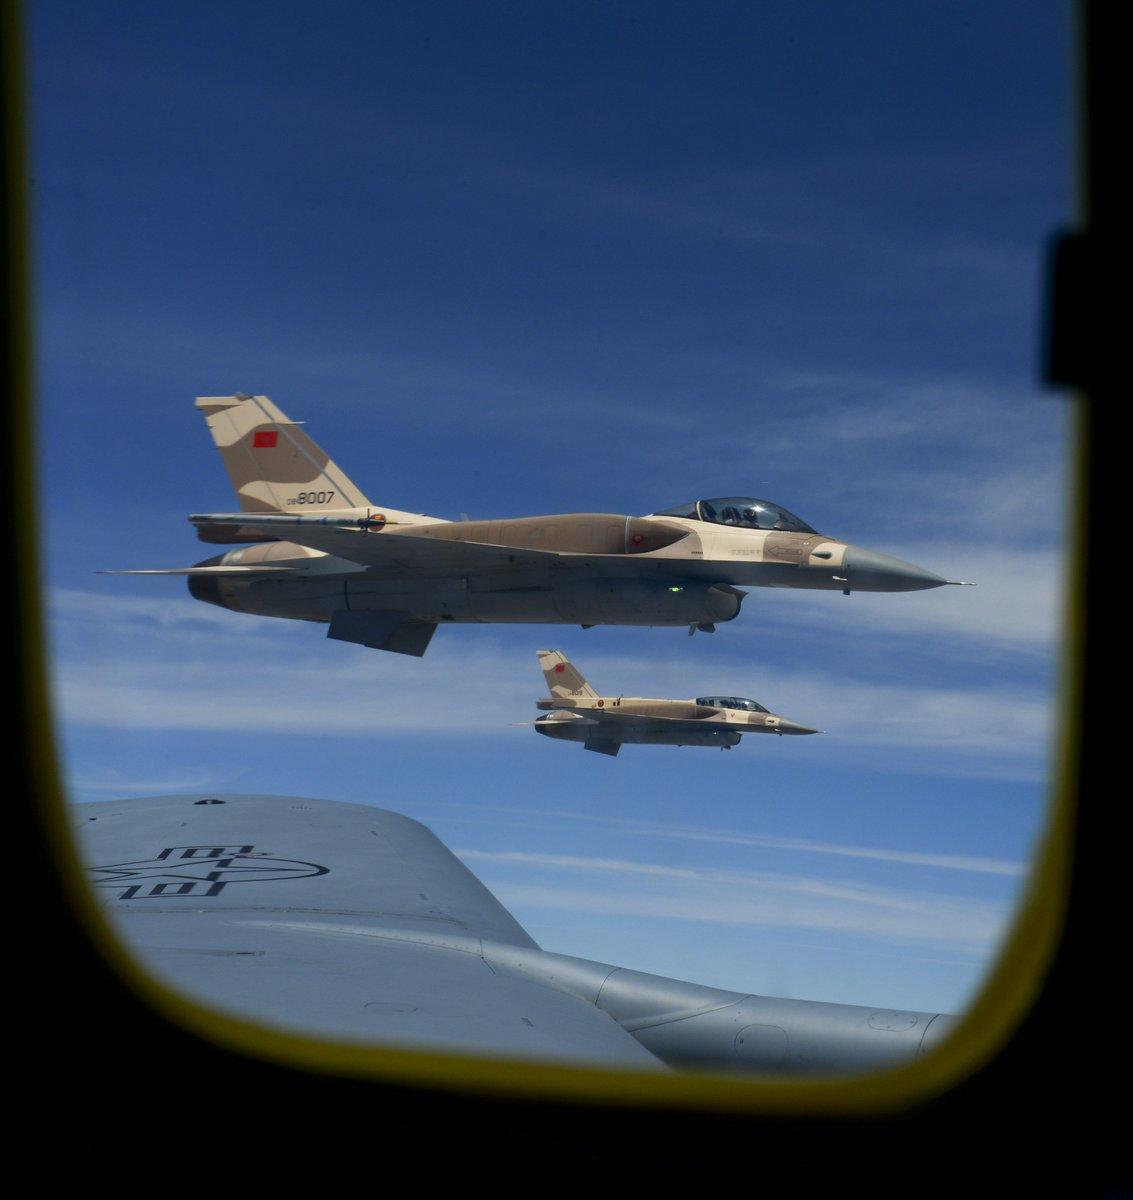 """انطلاق مناورات """"الأسد الإفريقي 17 """" في المغرب بمشاركة أمريكية C-L3vJUXYAIFZm0"""